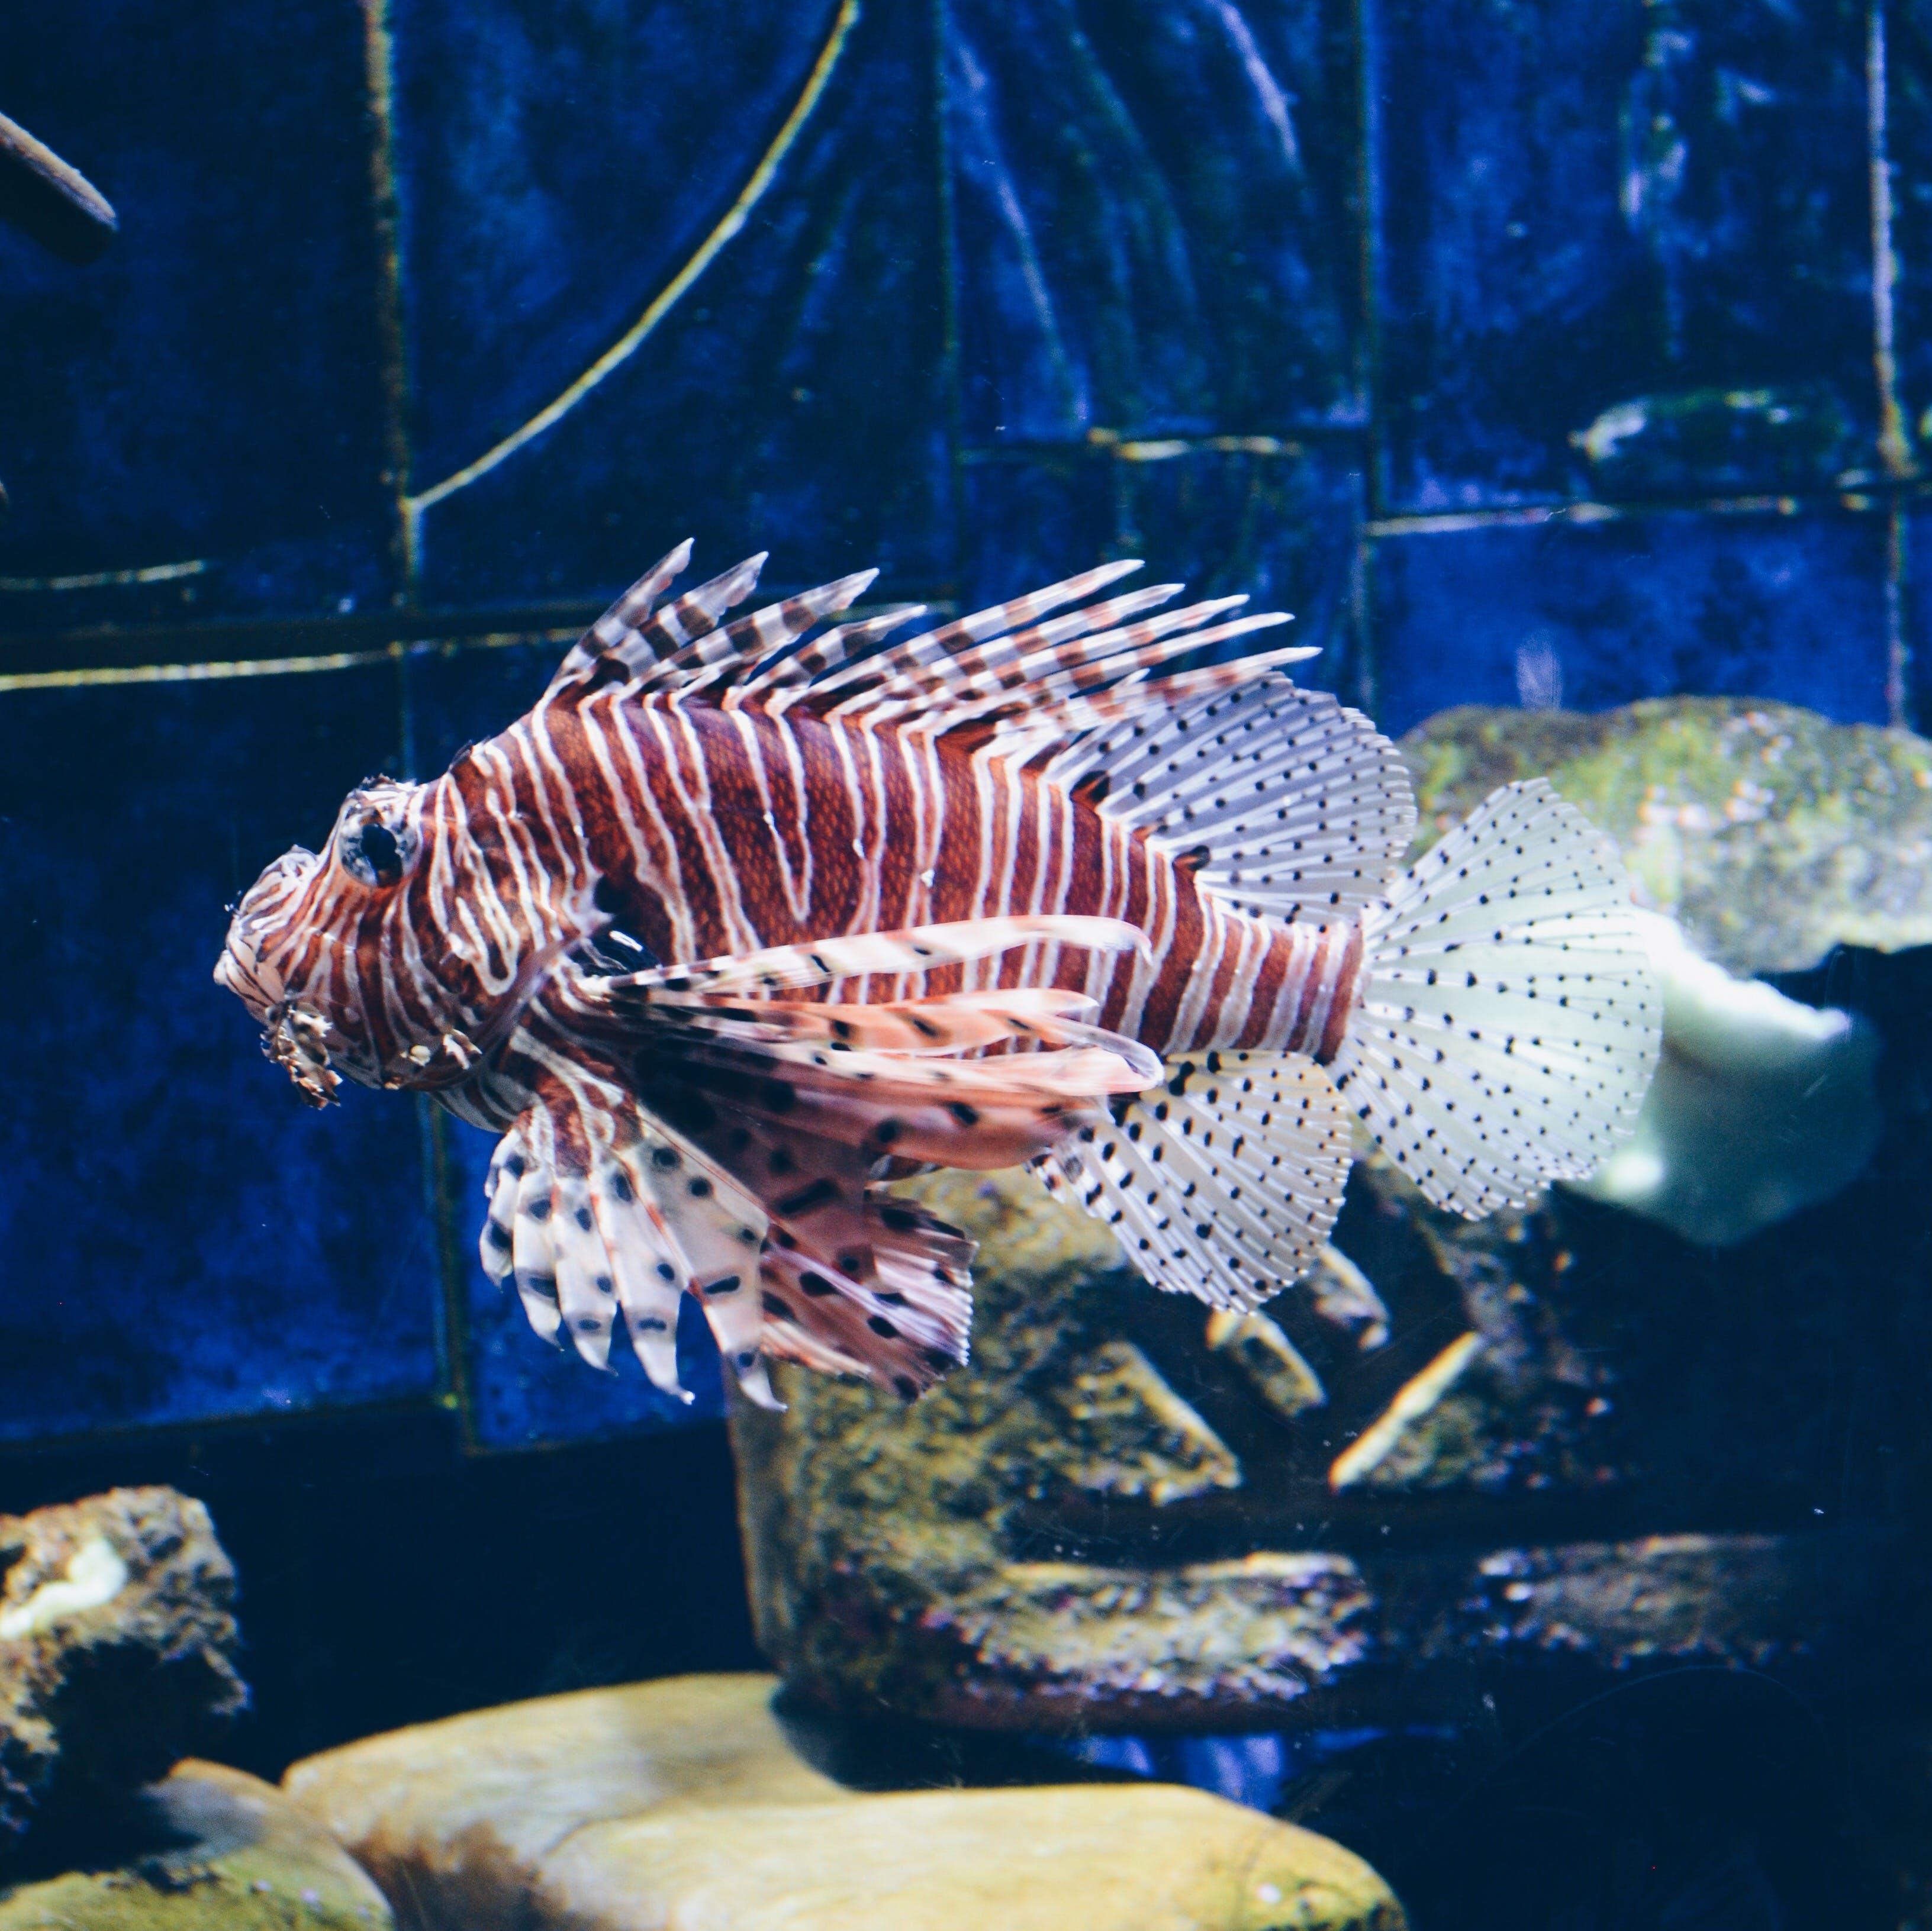 Δωρεάν στοκ φωτογραφιών με θάλασσα, ψάρι